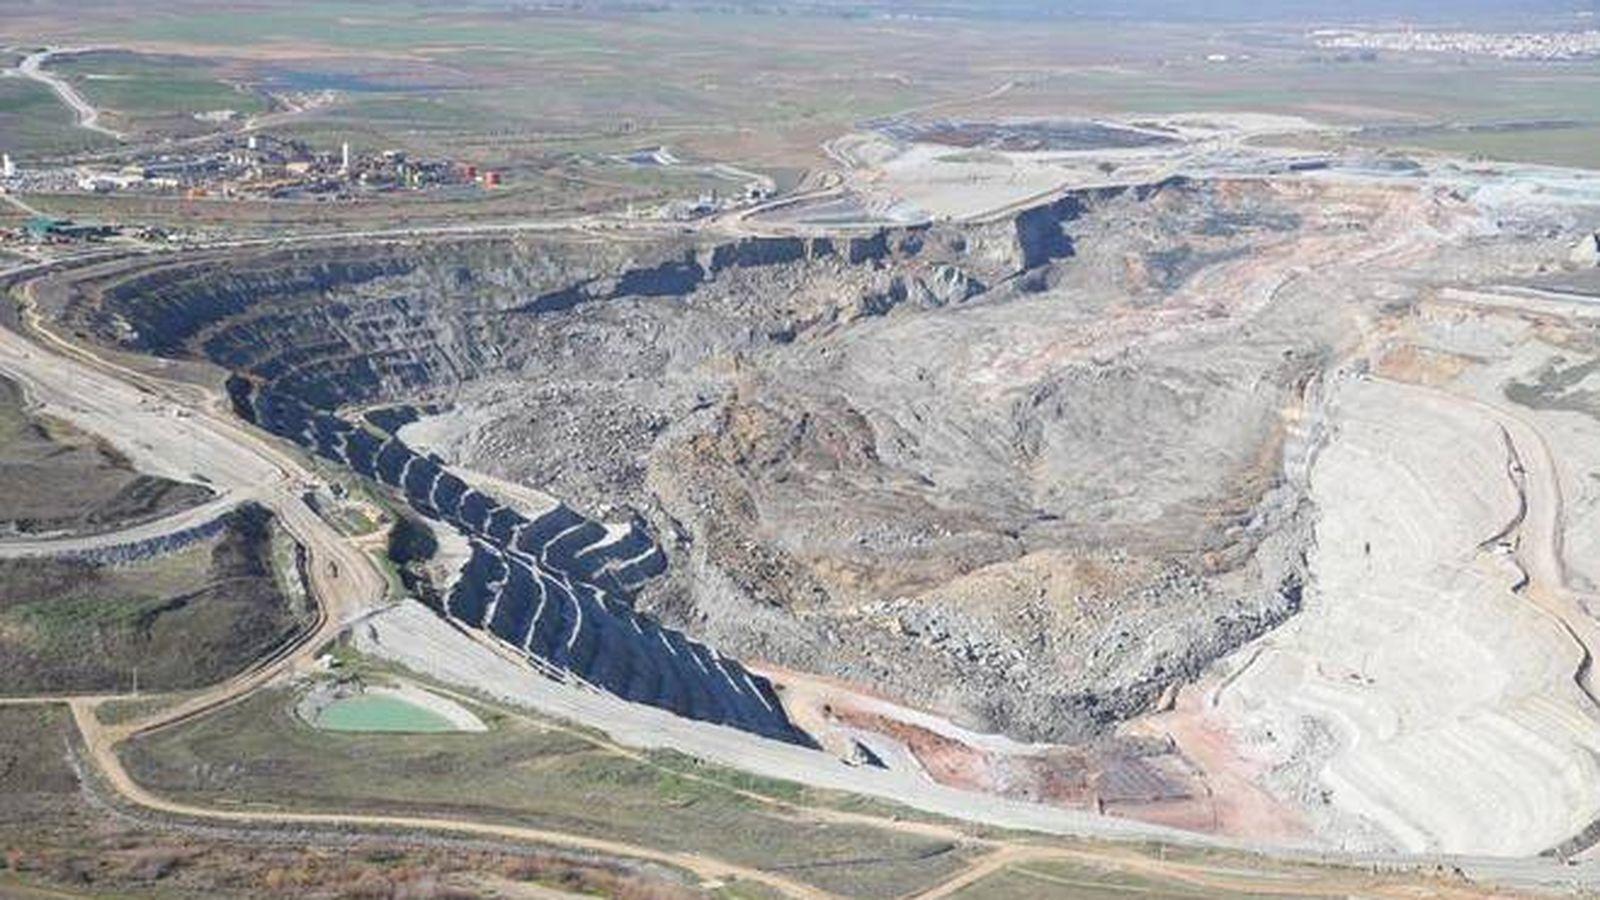 Foto: Imagen del colapso sufrido en gran parte de la corta minera. (Ecologistas en Acción)